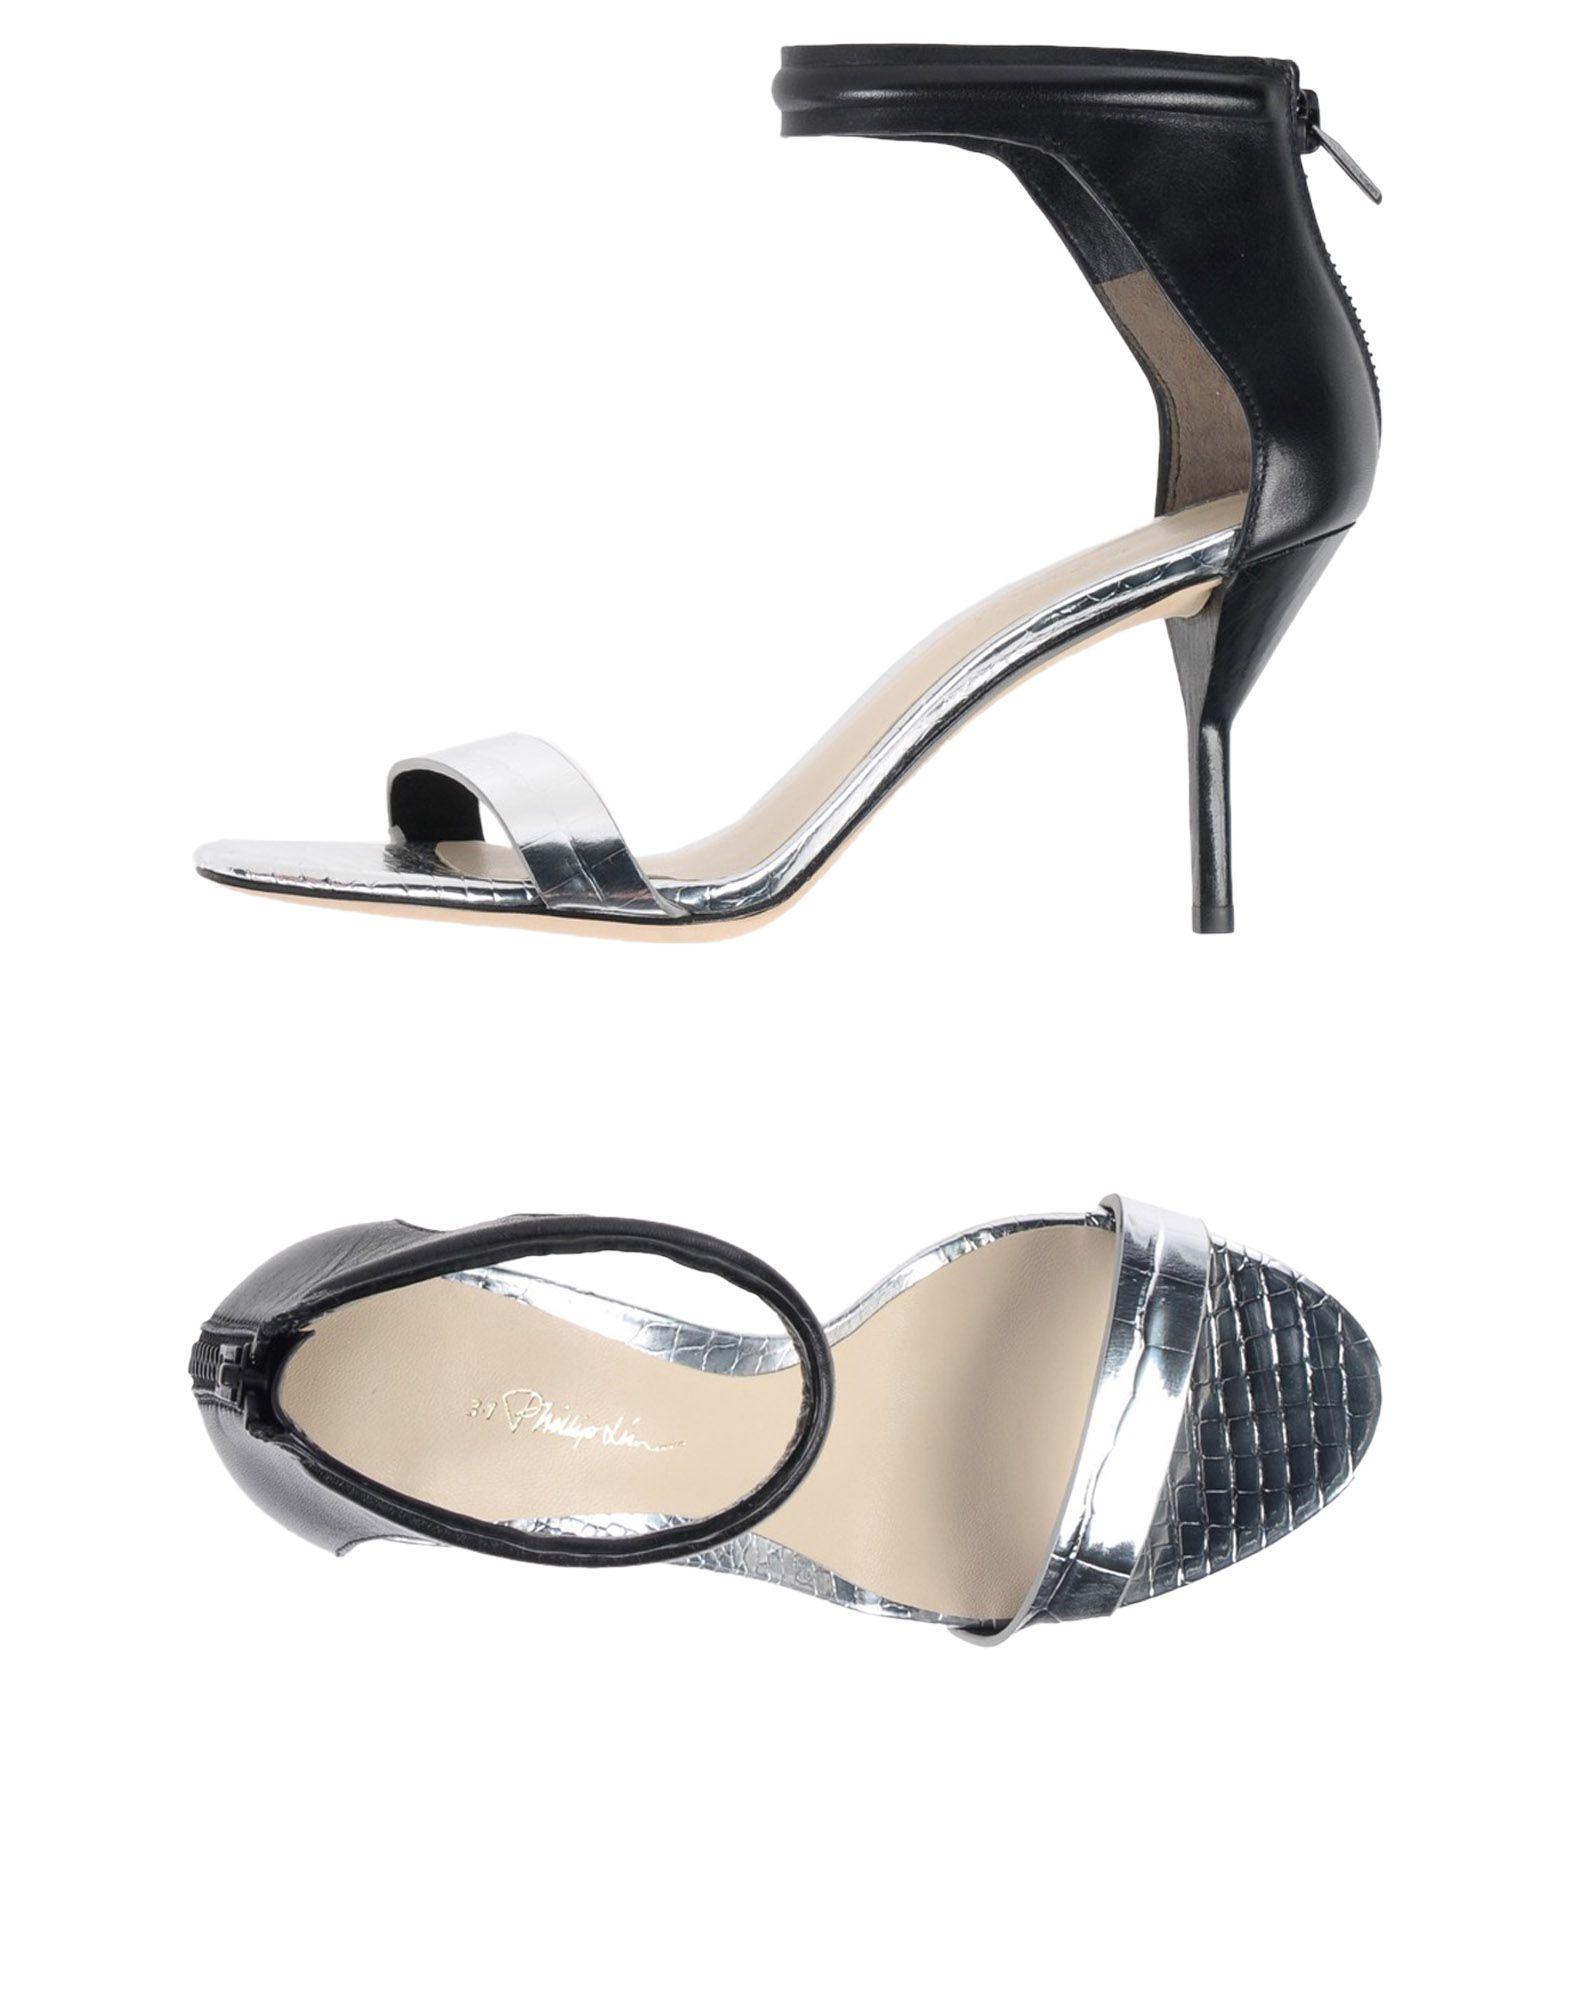 Sandales 3.1 Phillip Lim Femme - Sandales 3.1 Phillip Lim sur